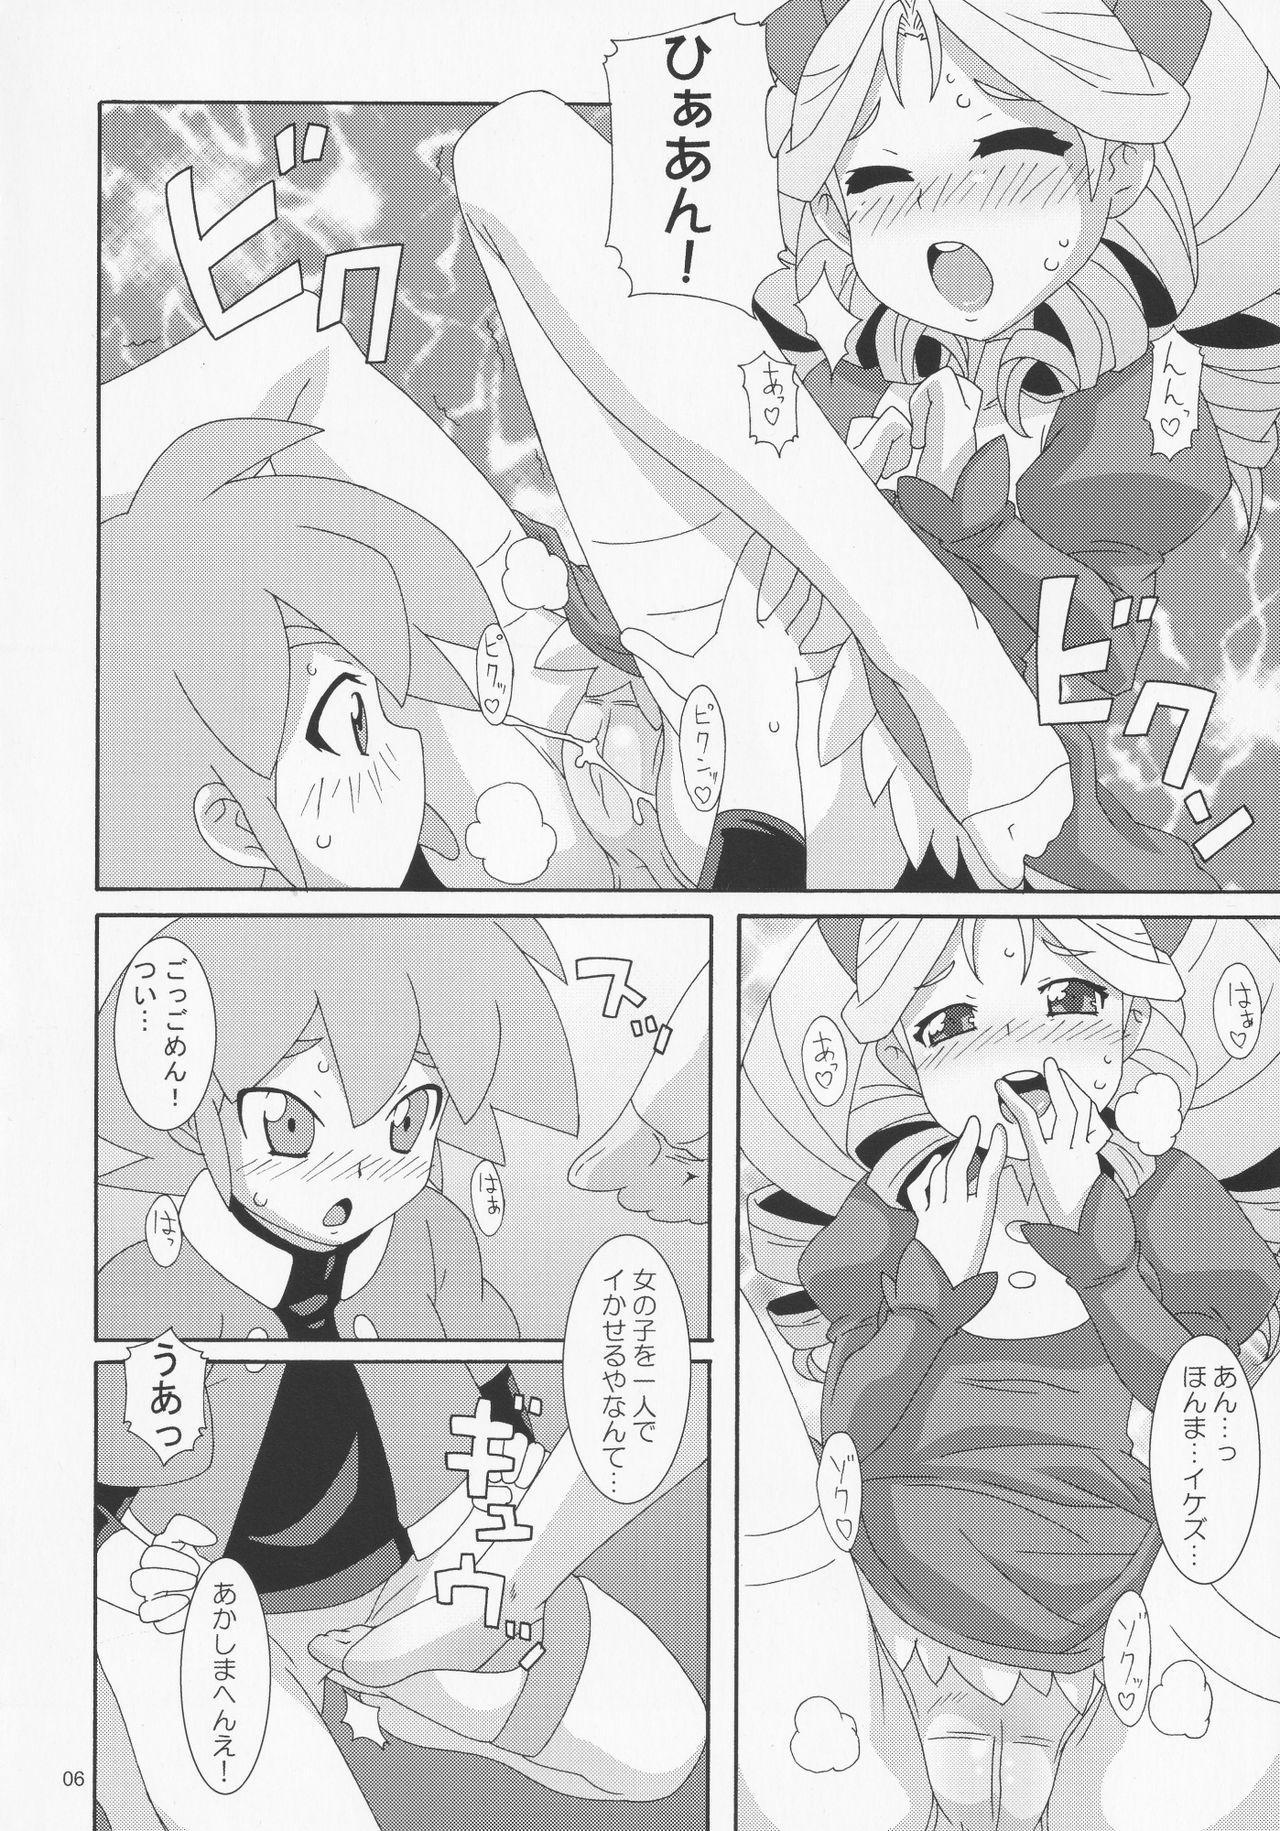 Kyoka Gata 4